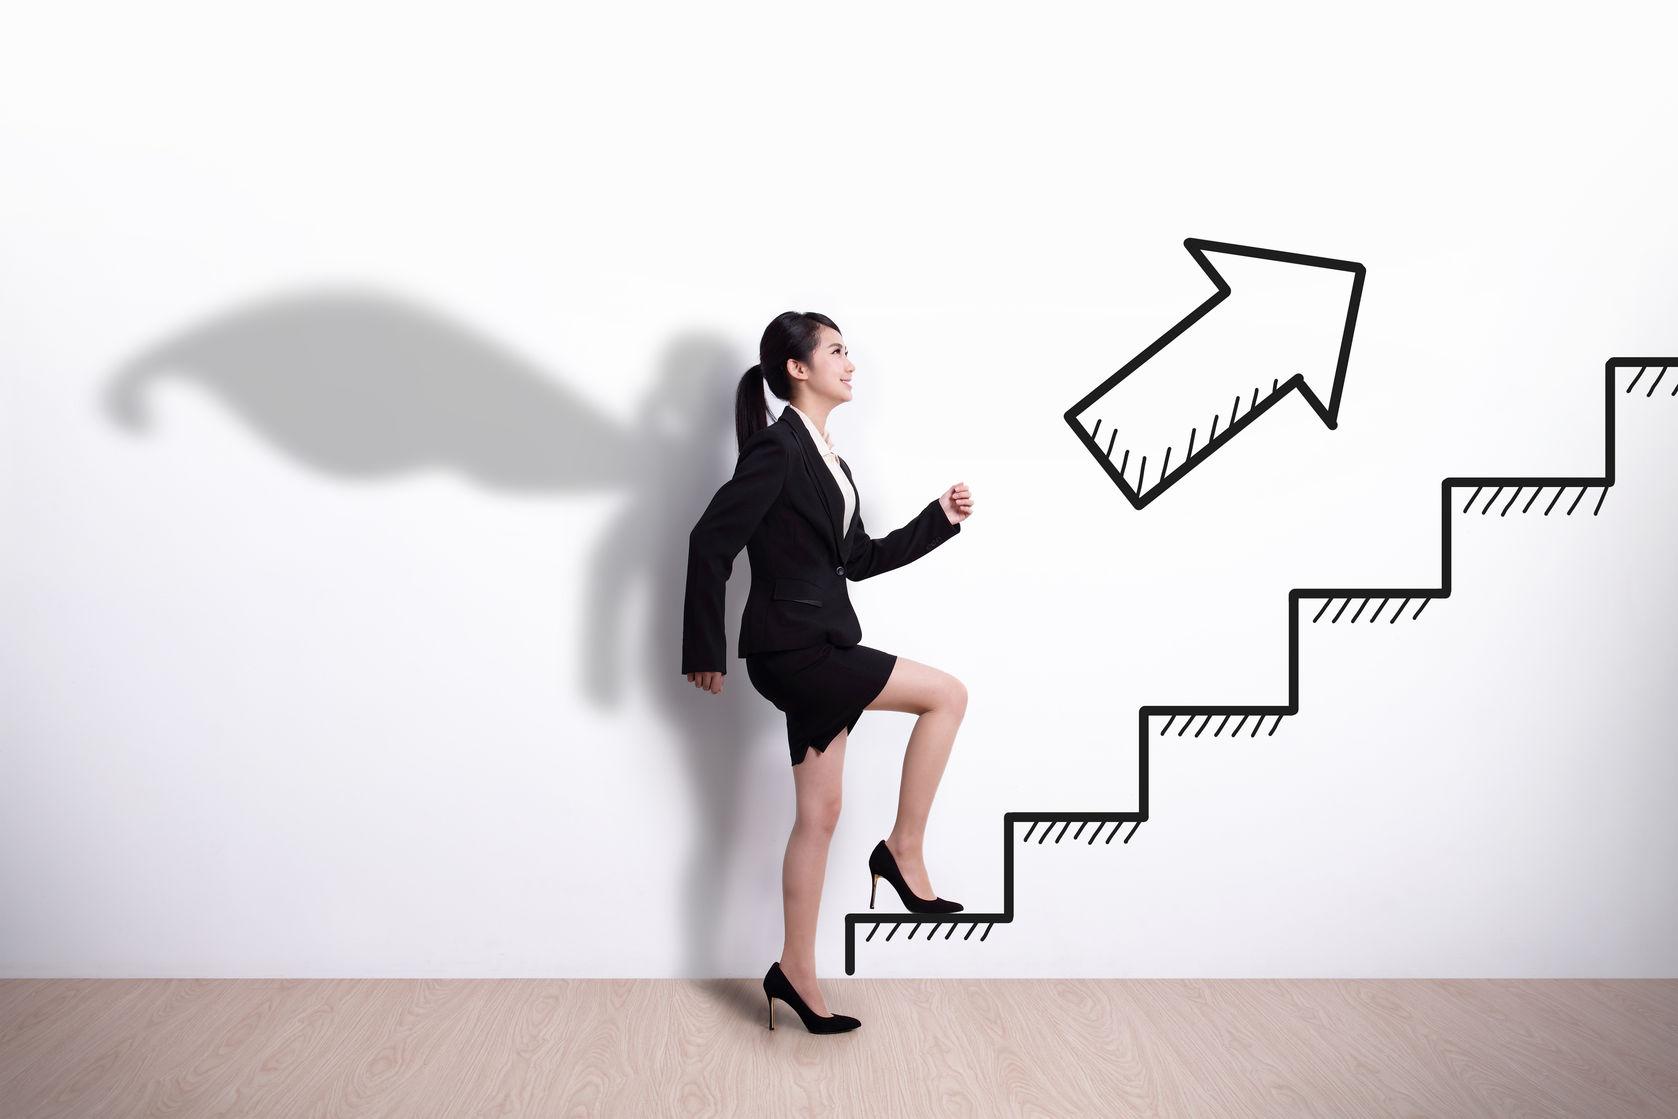 仕事で挫折したっていい!どん底から立ち直るための7つの習慣